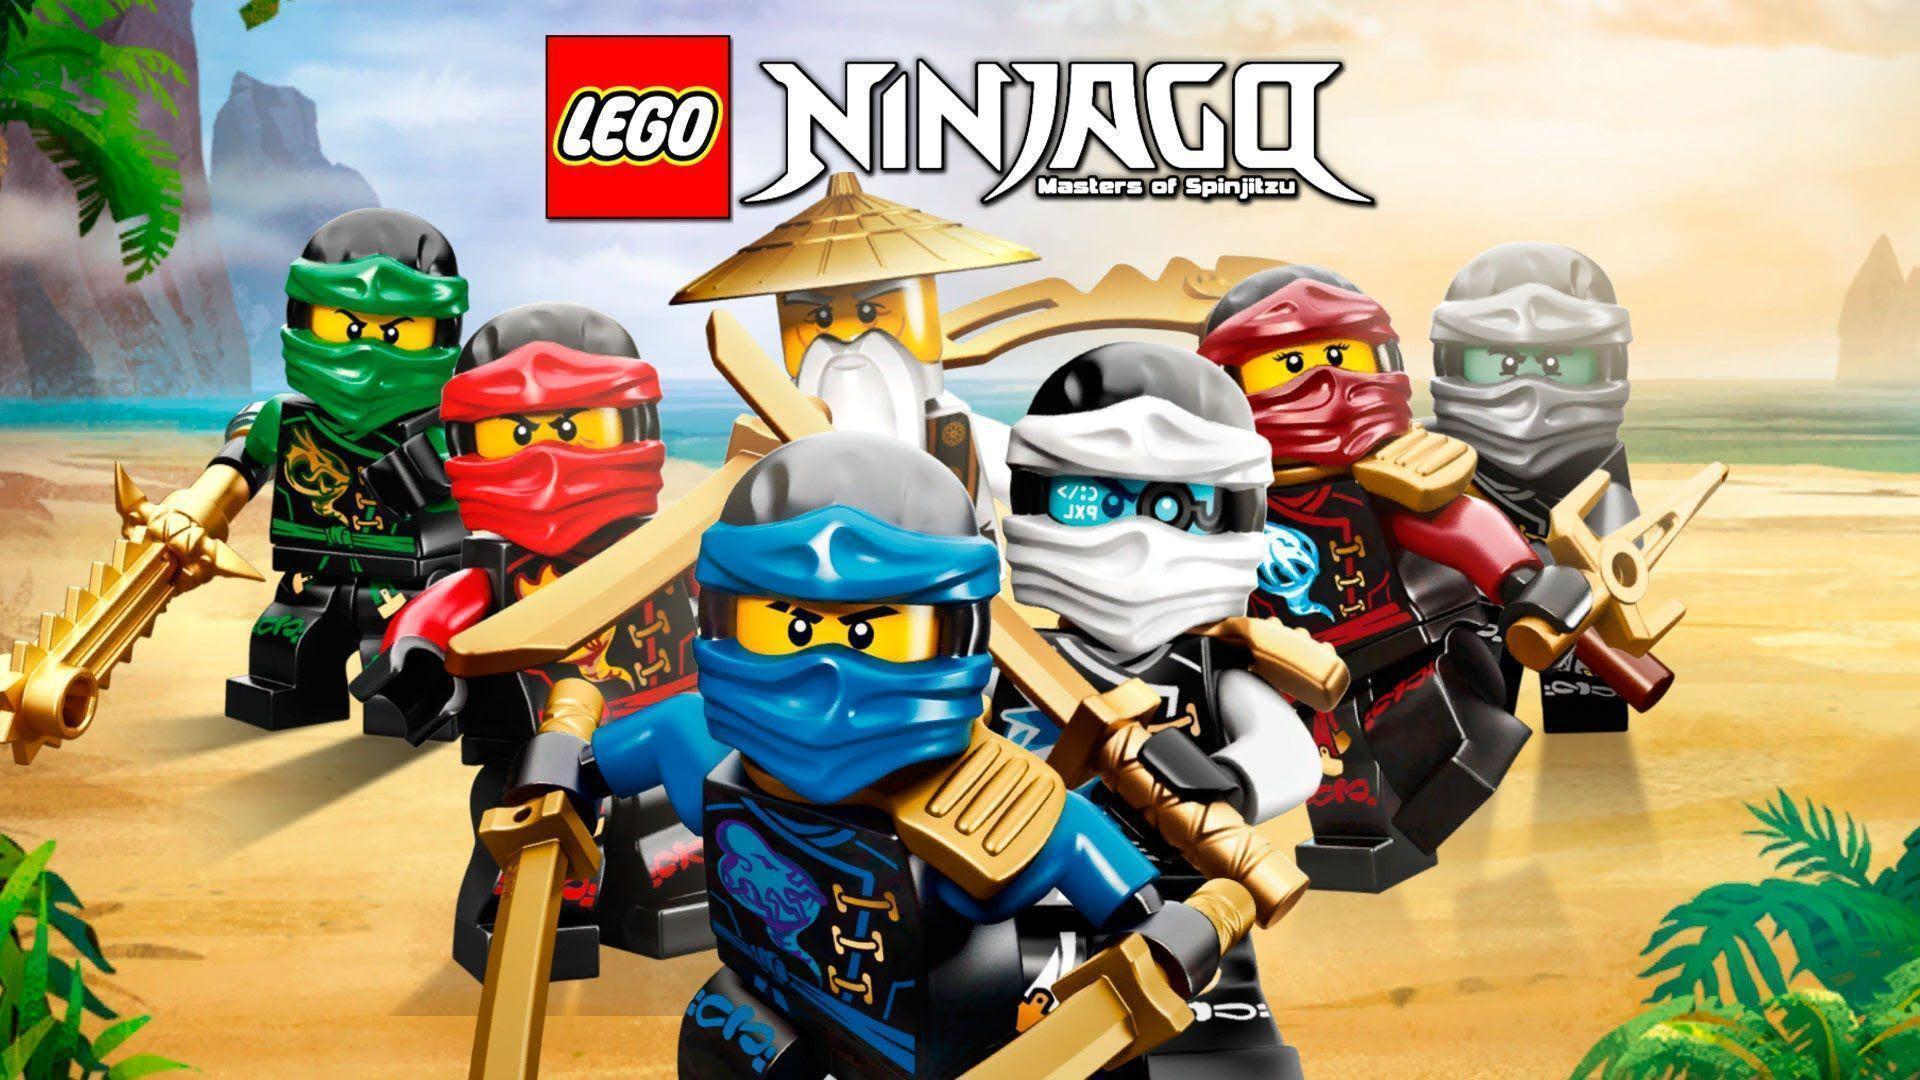 Lego Ninjago Wallpapers - Wallpaper Cave